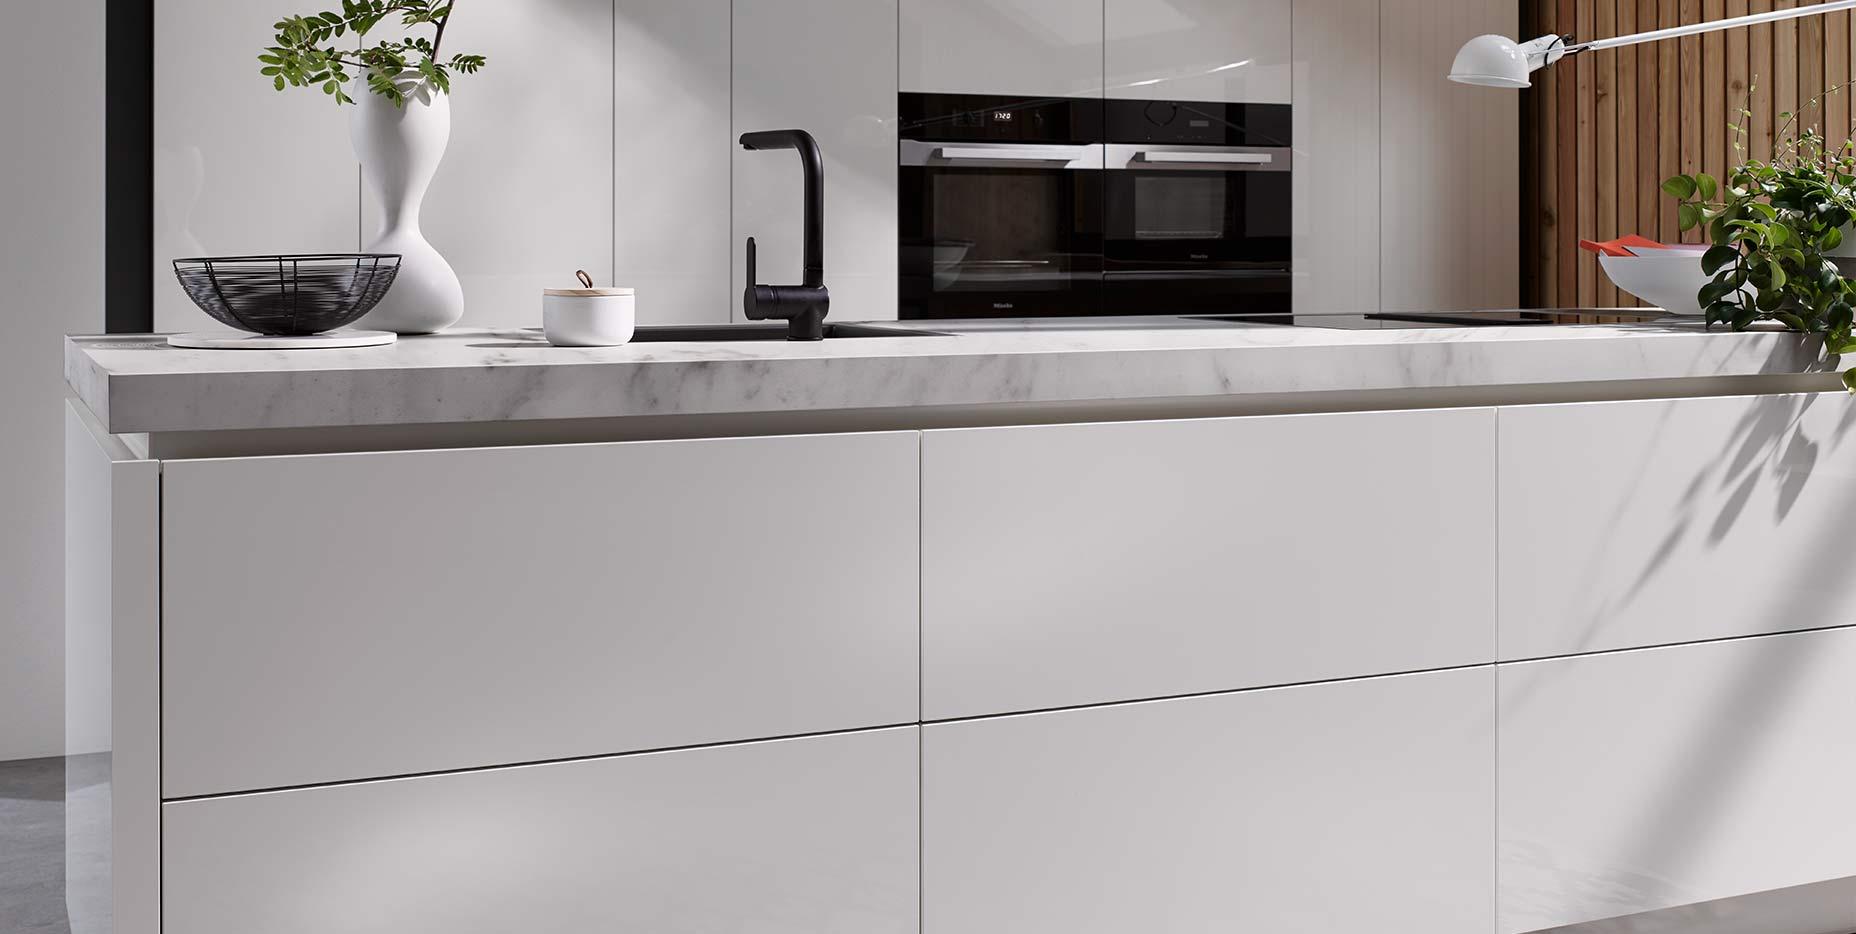 Modern-Simplicity-Materials-3